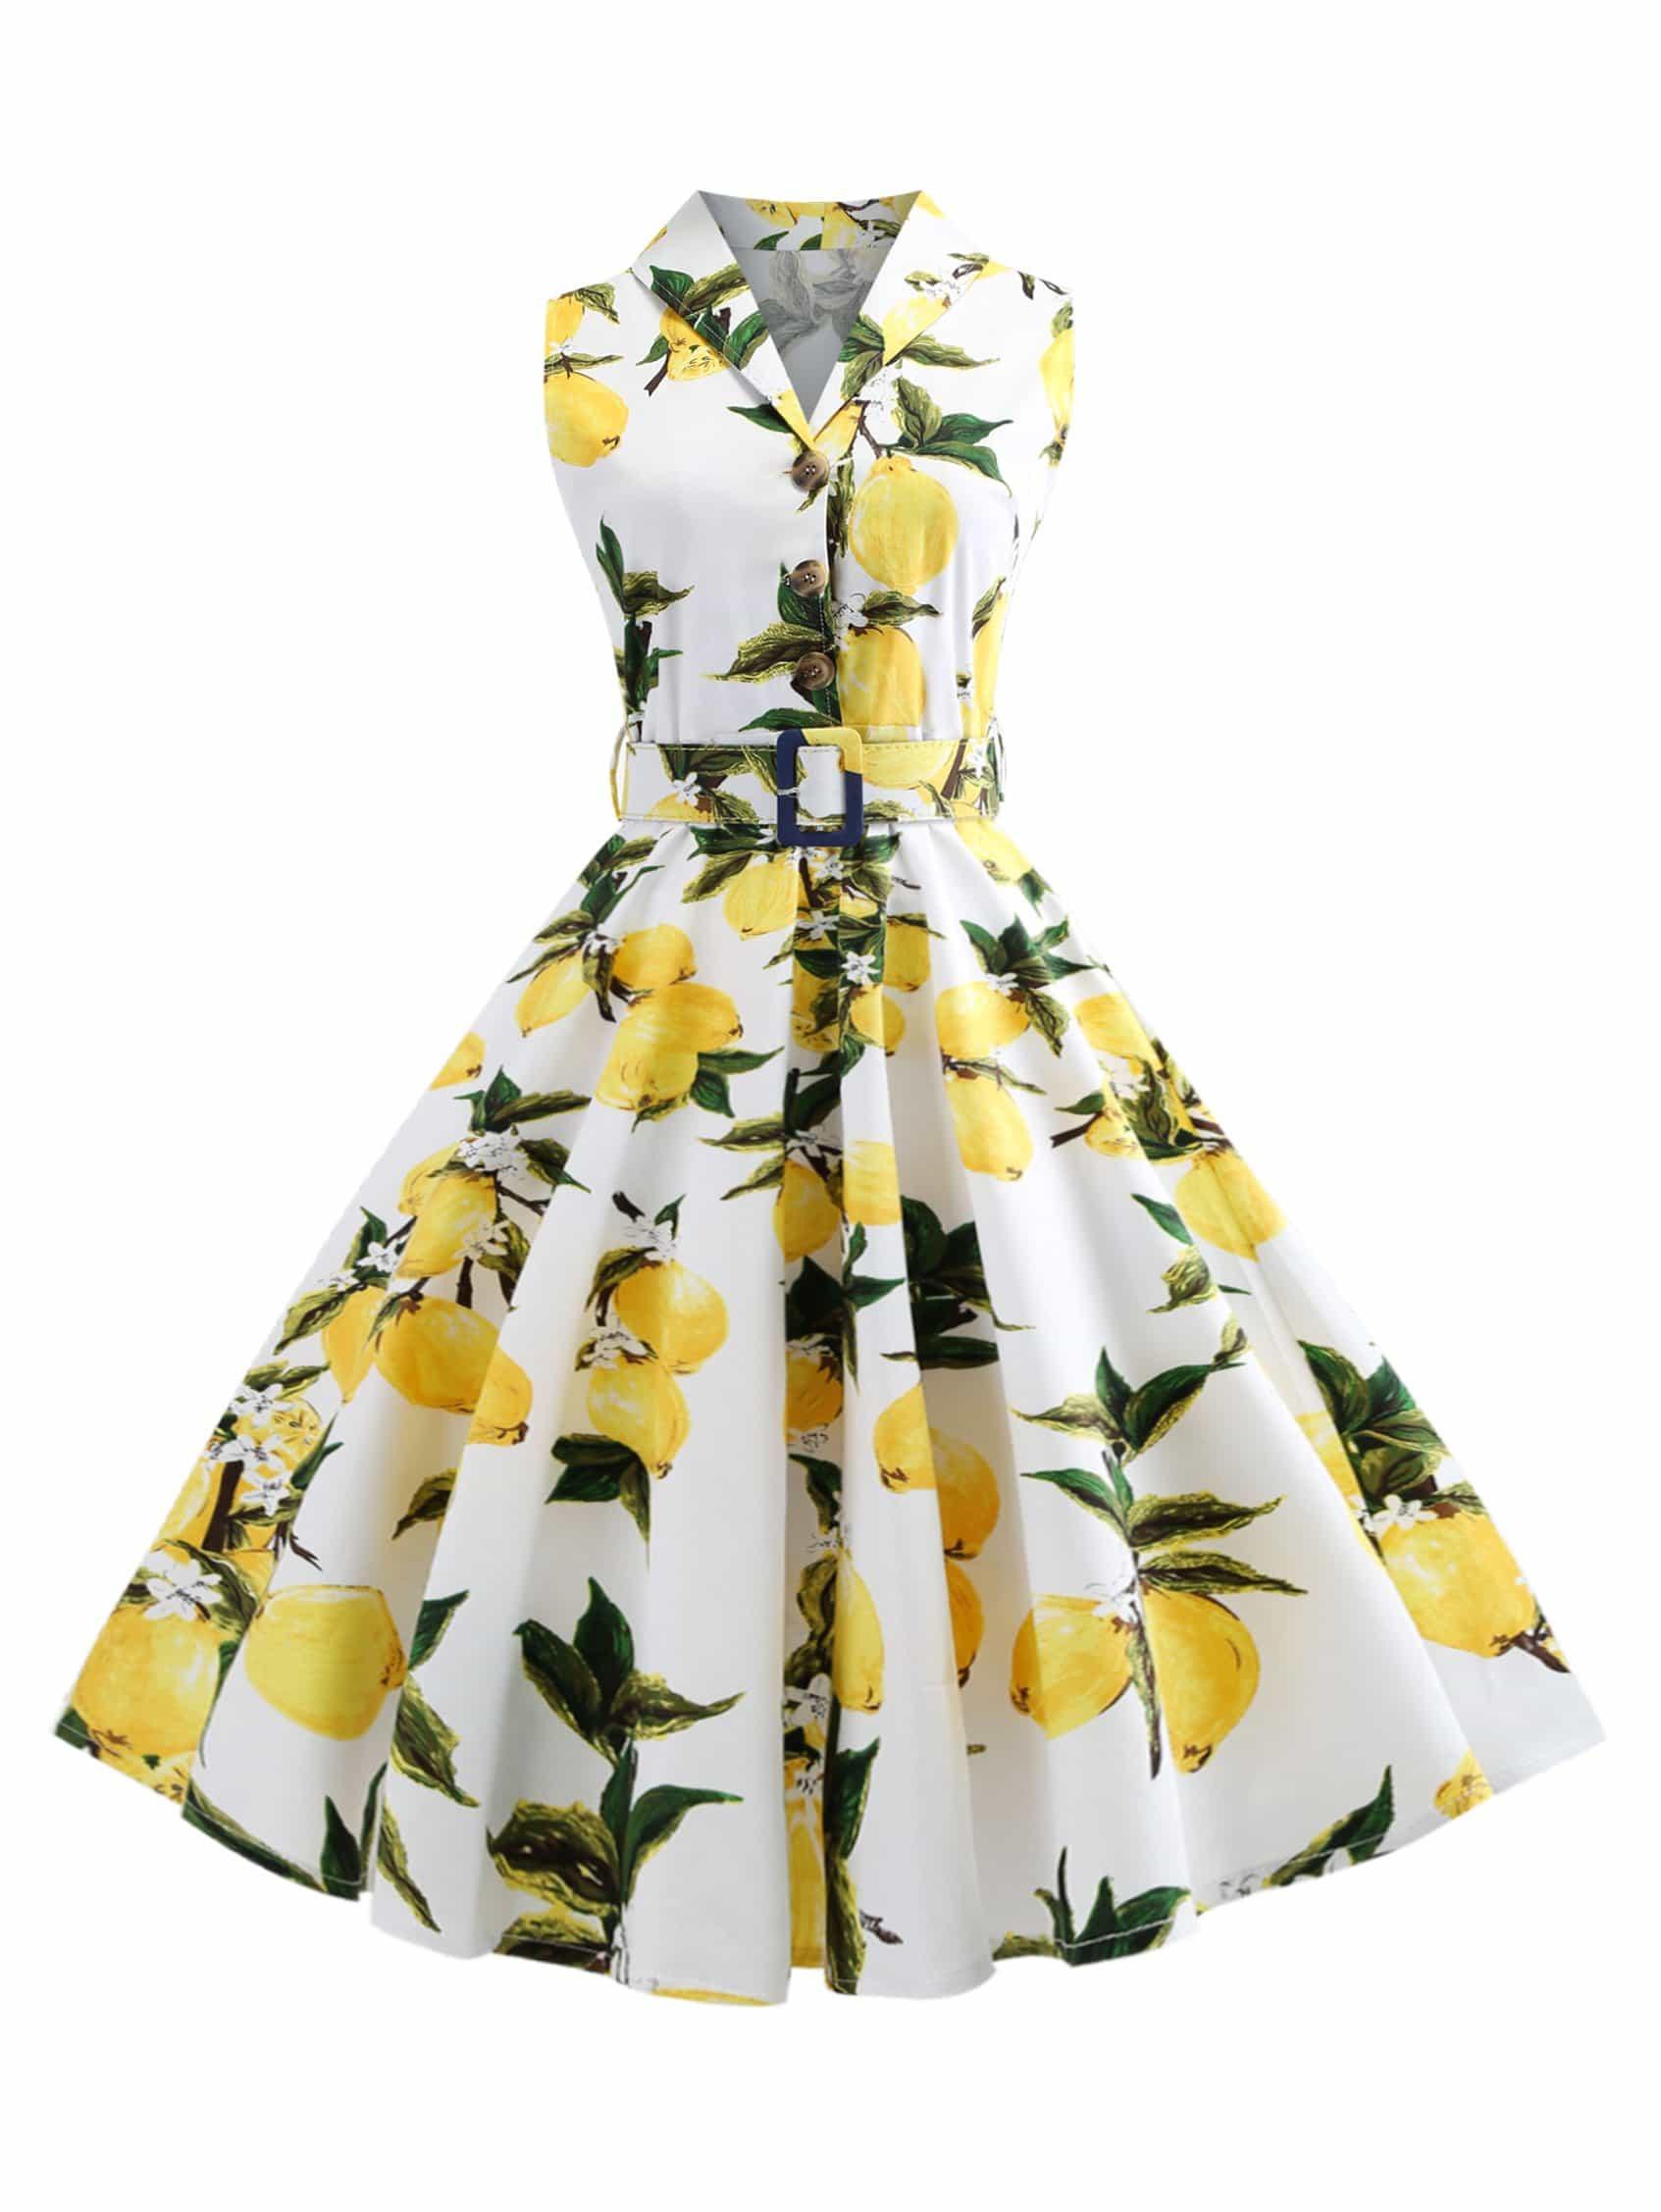 Однобортное платье клеш с рисунками фруктов и с поясом, null, SheIn  - купить со скидкой